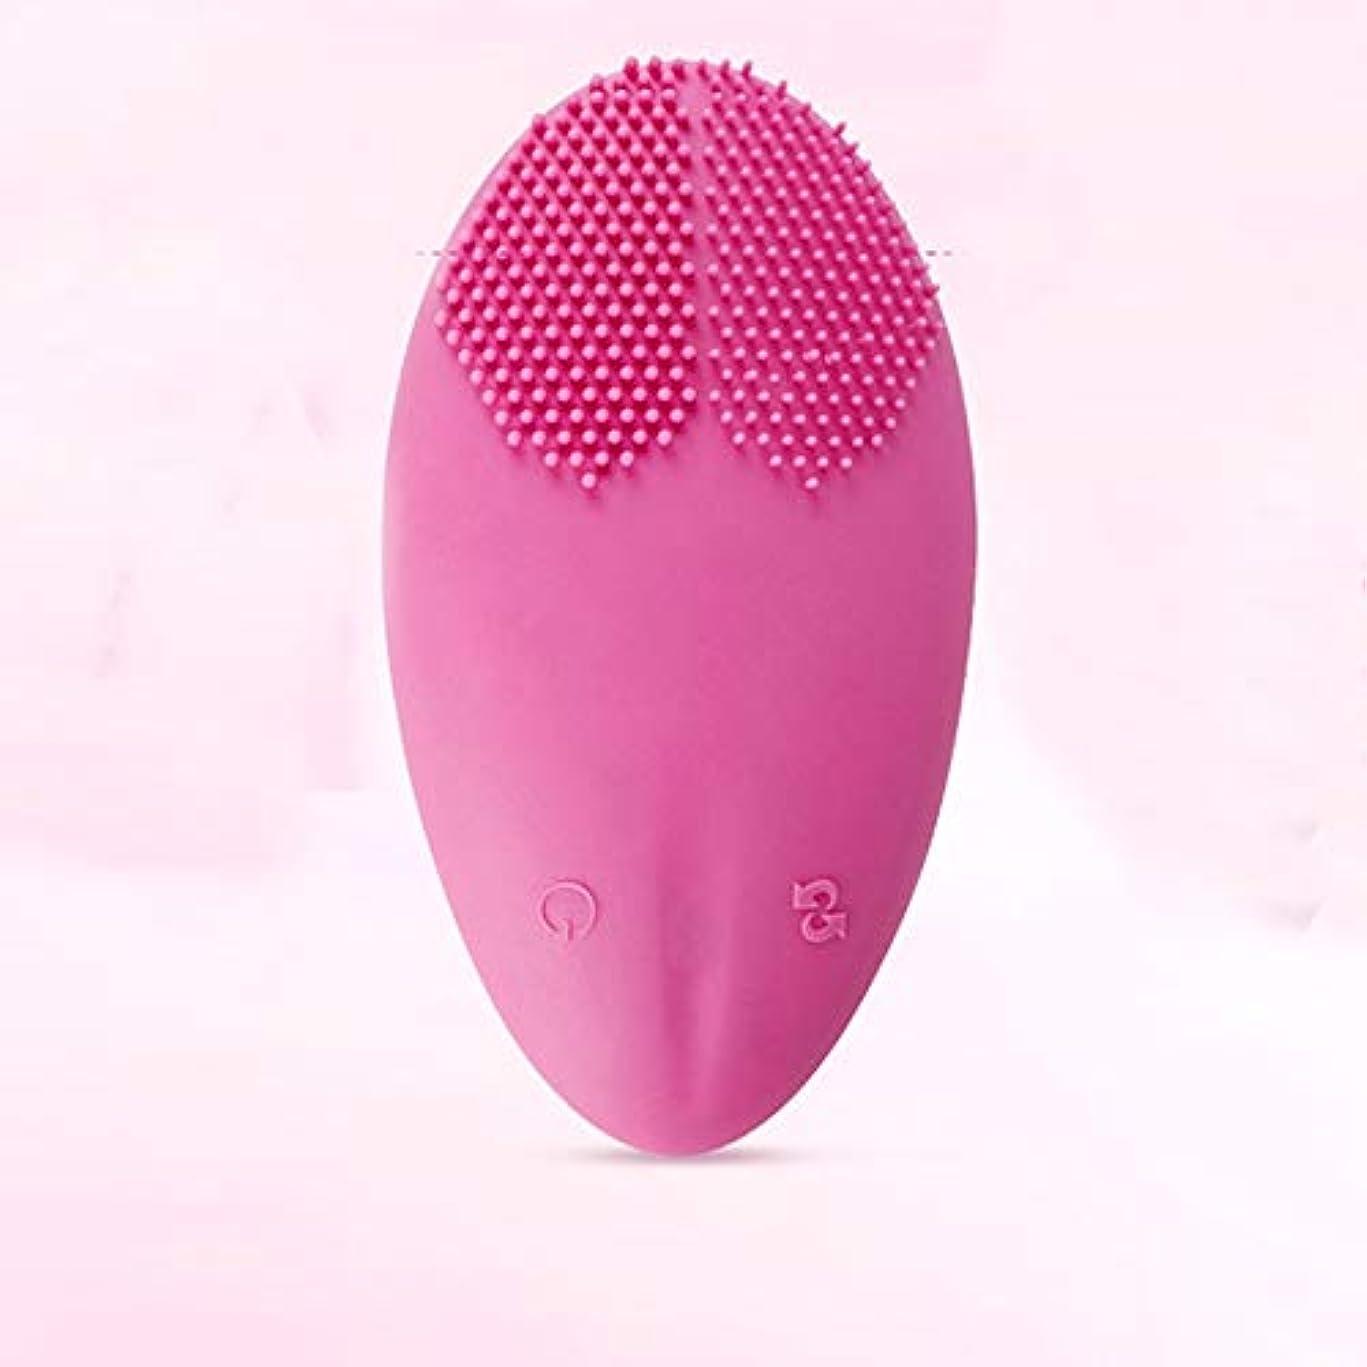 あいさつ敬玉ねぎZXF 新しい電気シリコーンクレンジング楽器振動クリーン毛穴柔らかいシリコーンロングスタンバイ超音波洗浄ブラシピンク 滑らかである